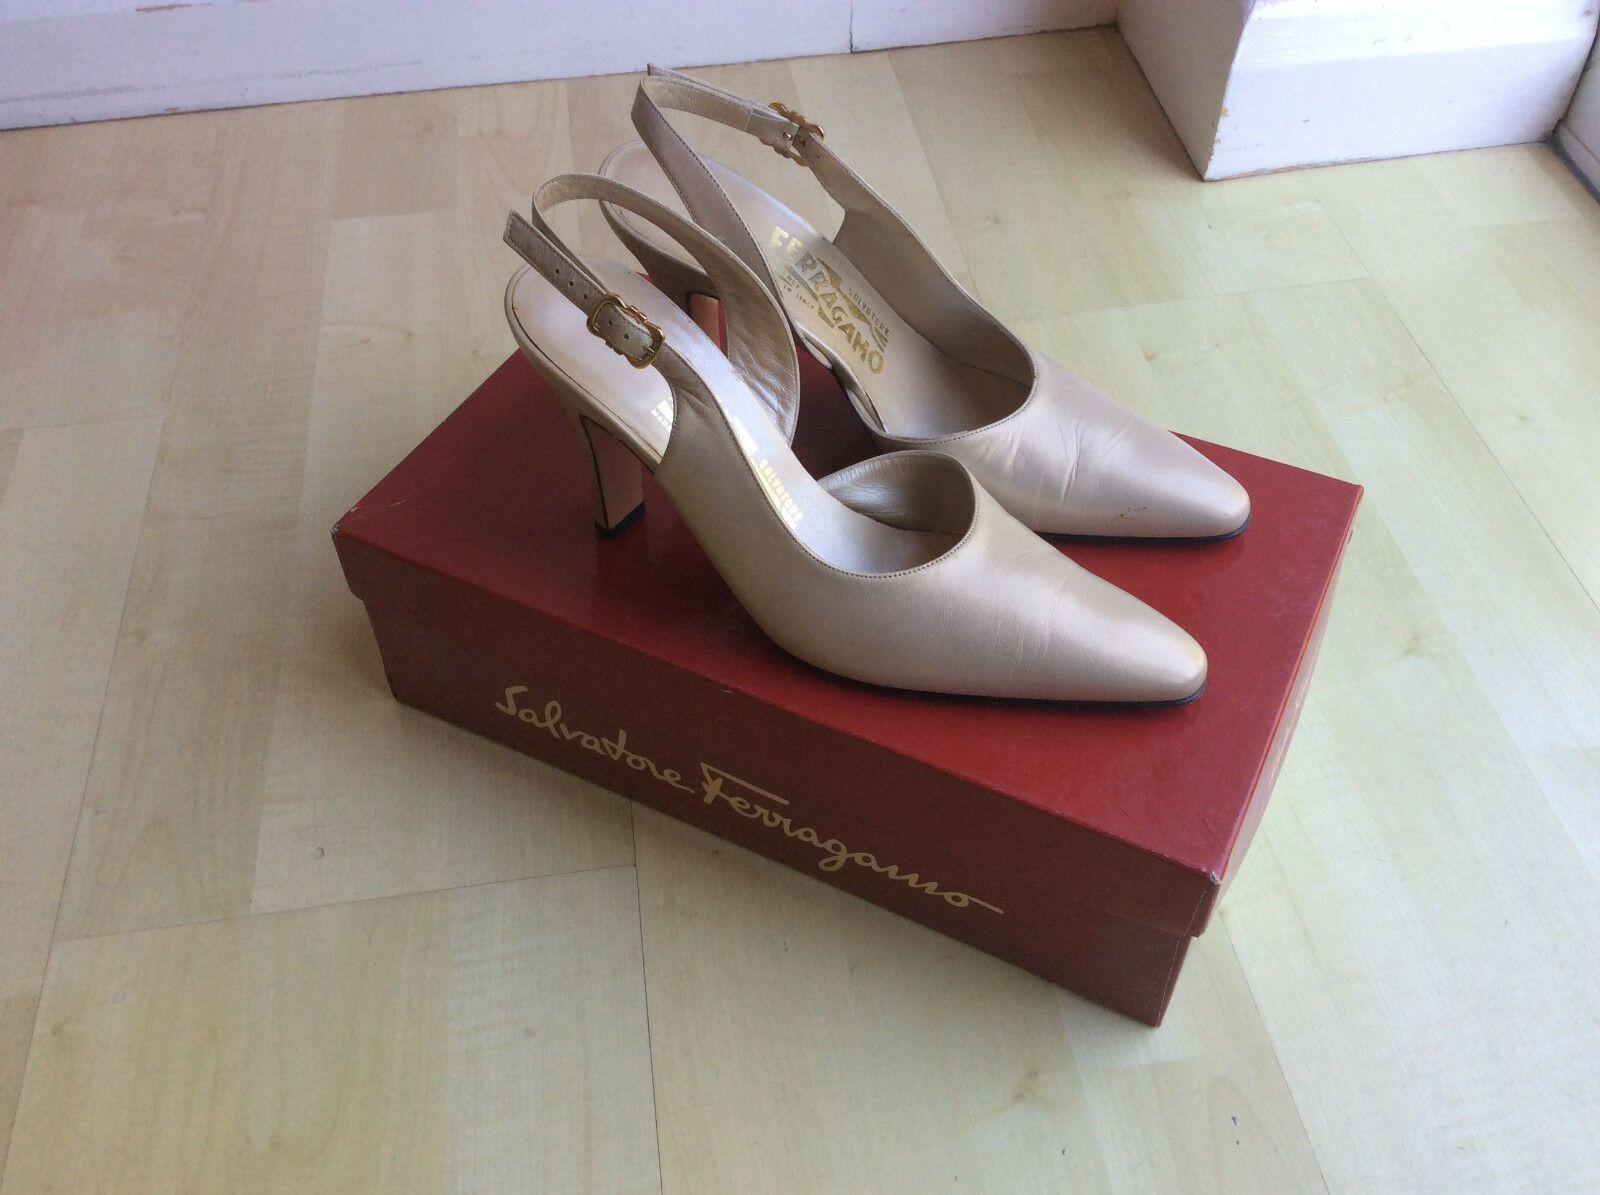 Salvatore Ferragamo Ladies shoes US Size 7 (UK 4.5)